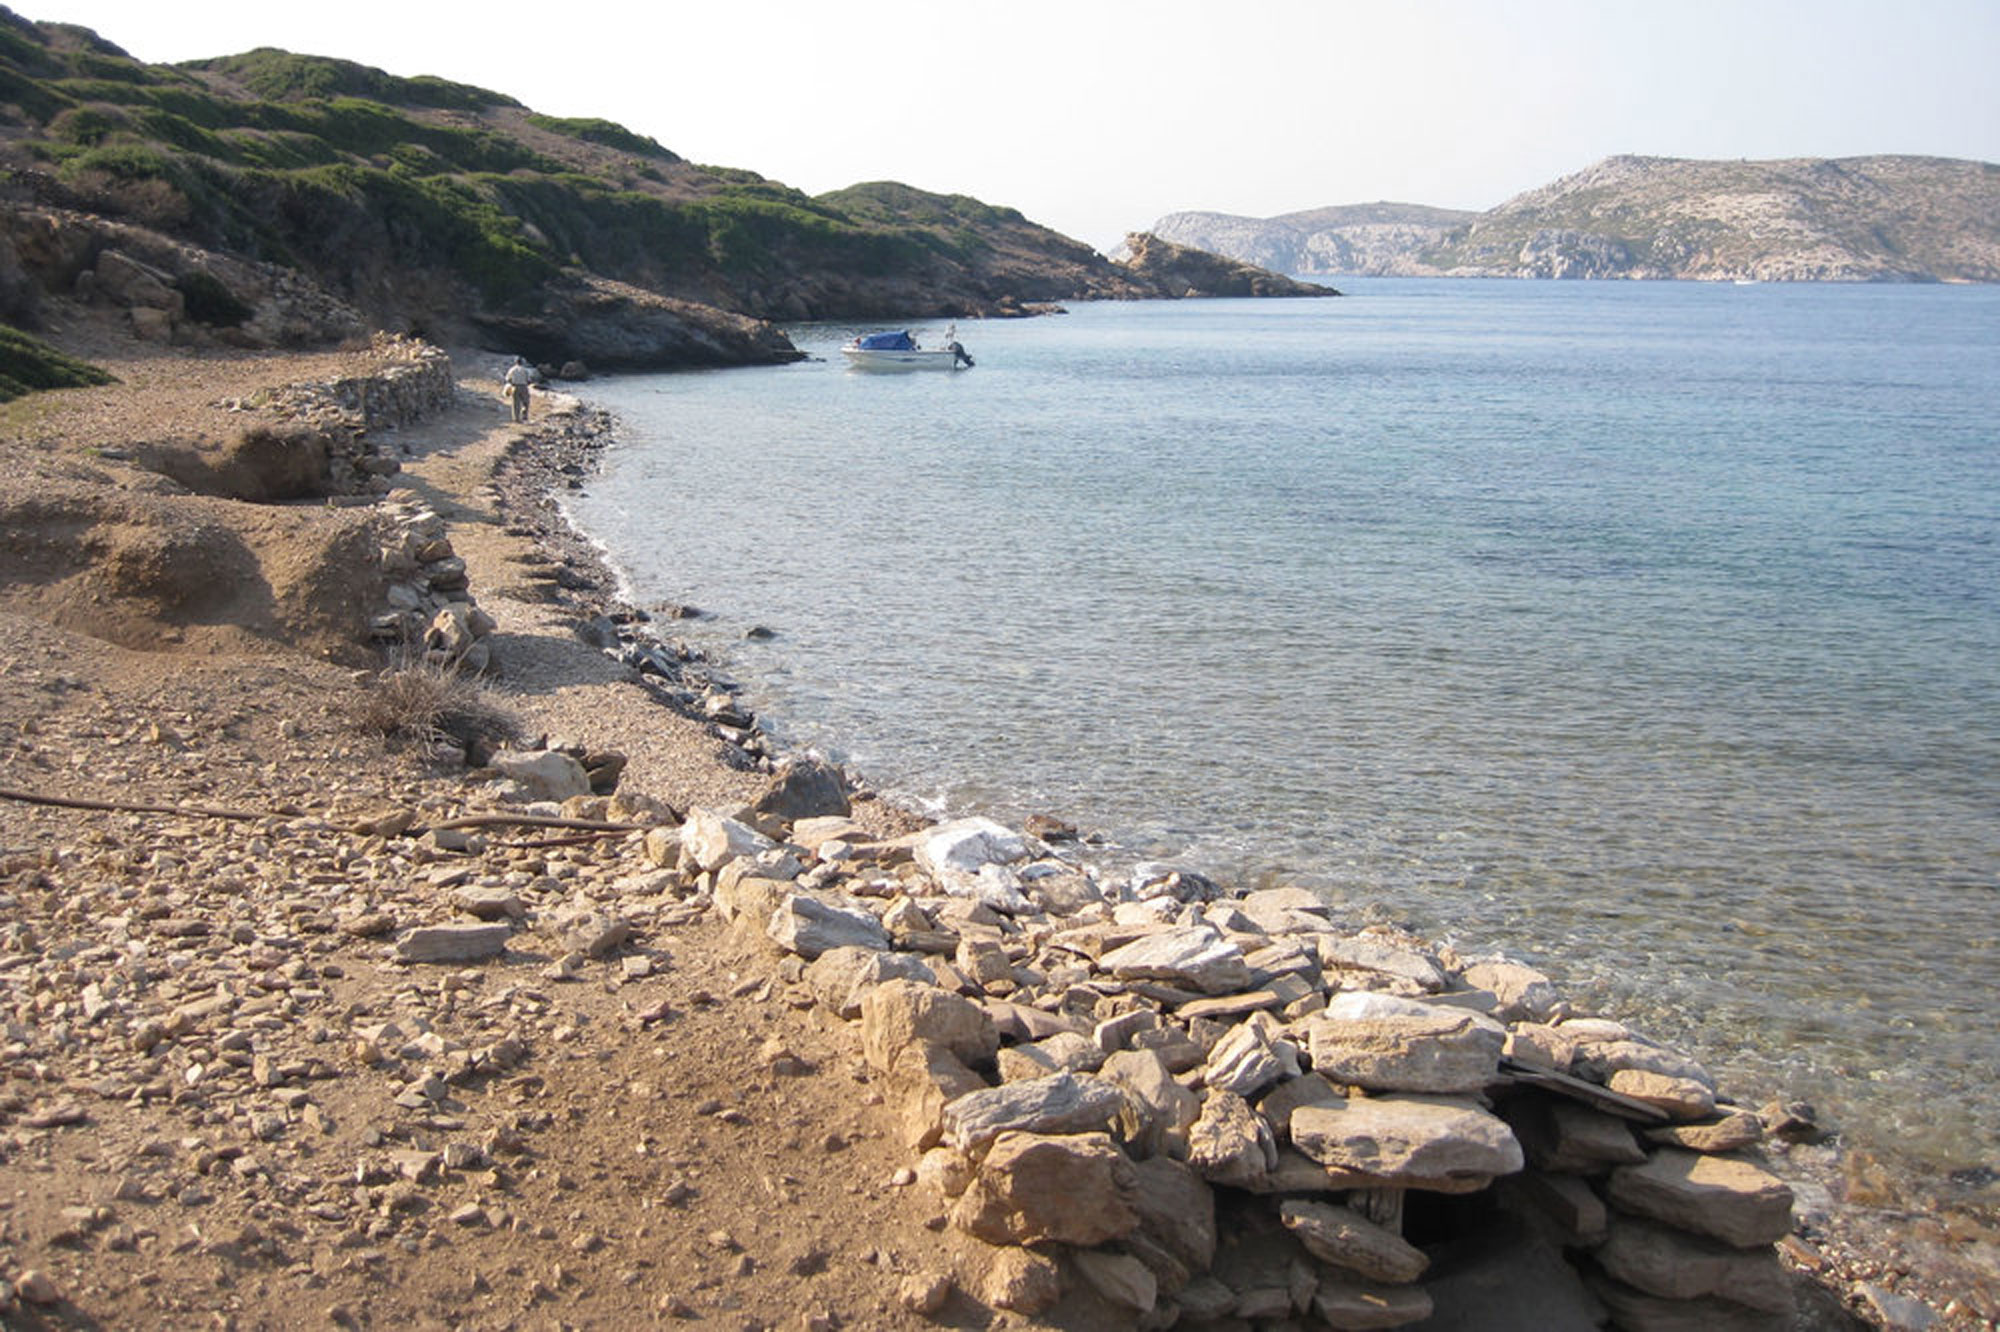 Crise na Grécia faz com que famosos comprem ilhas no país